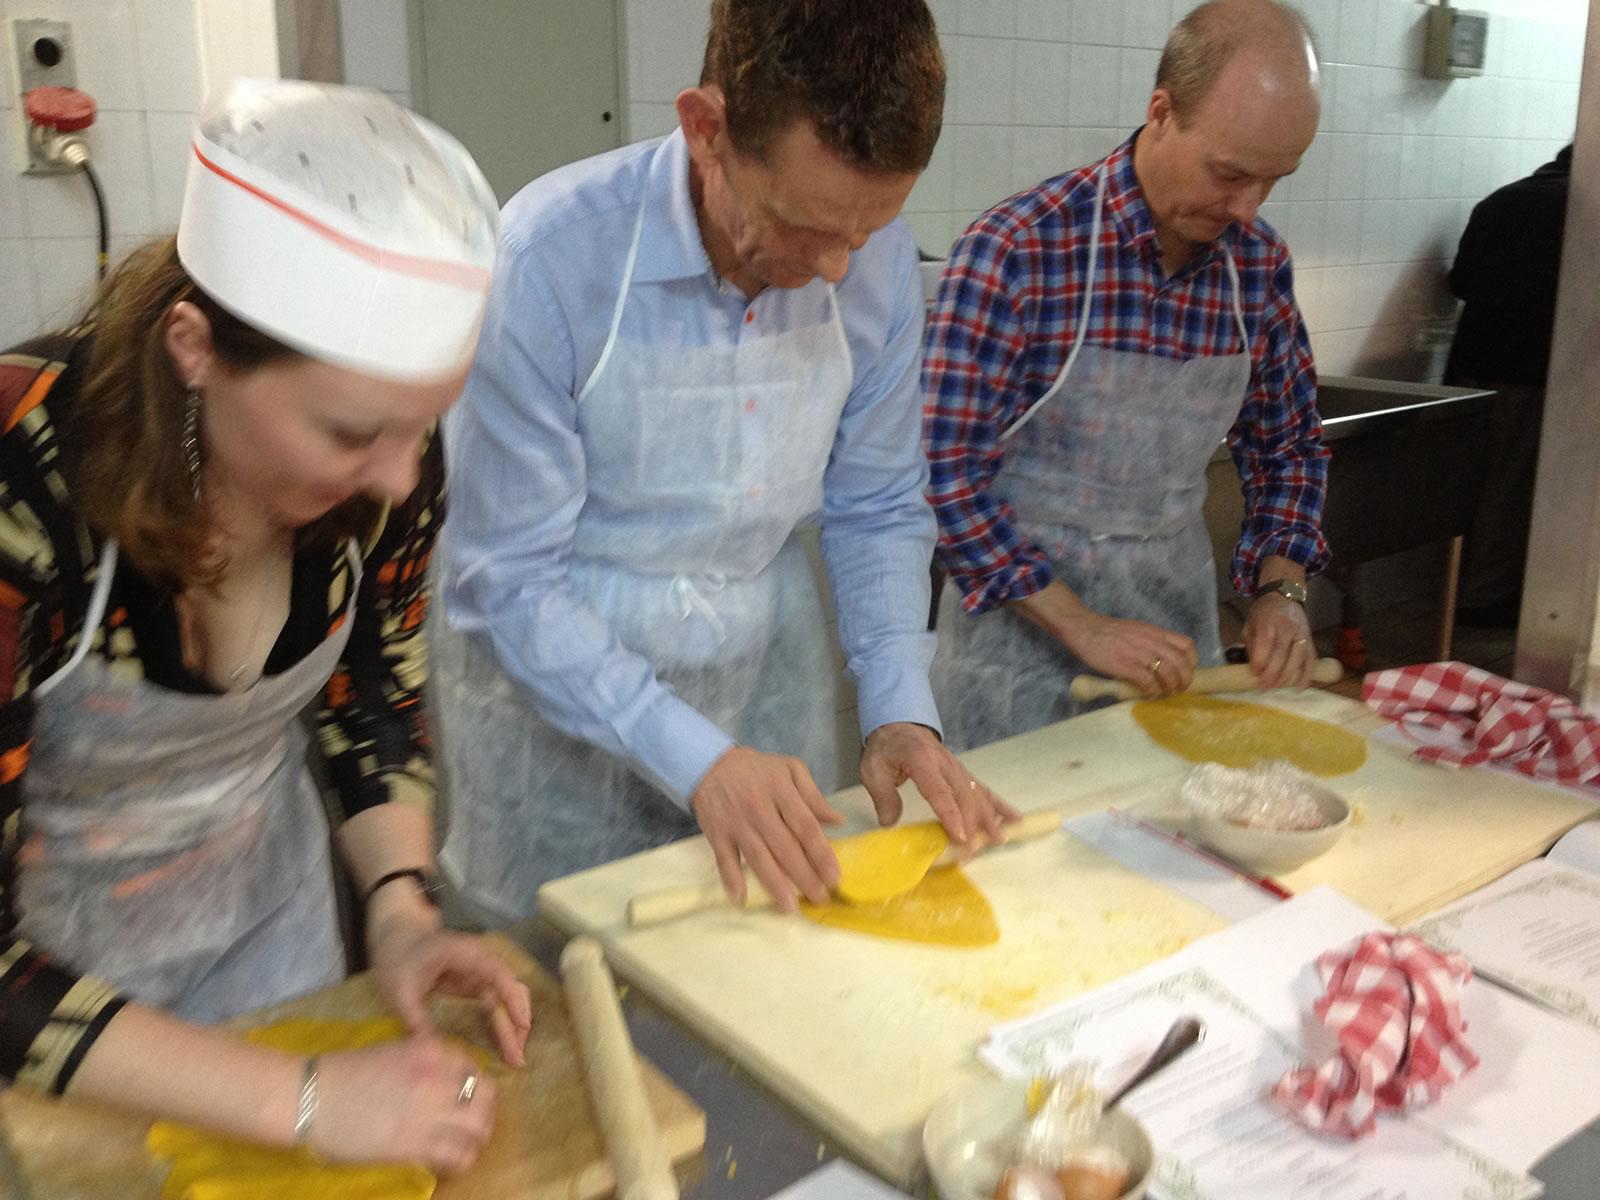 Preparazione pasta all'uovo